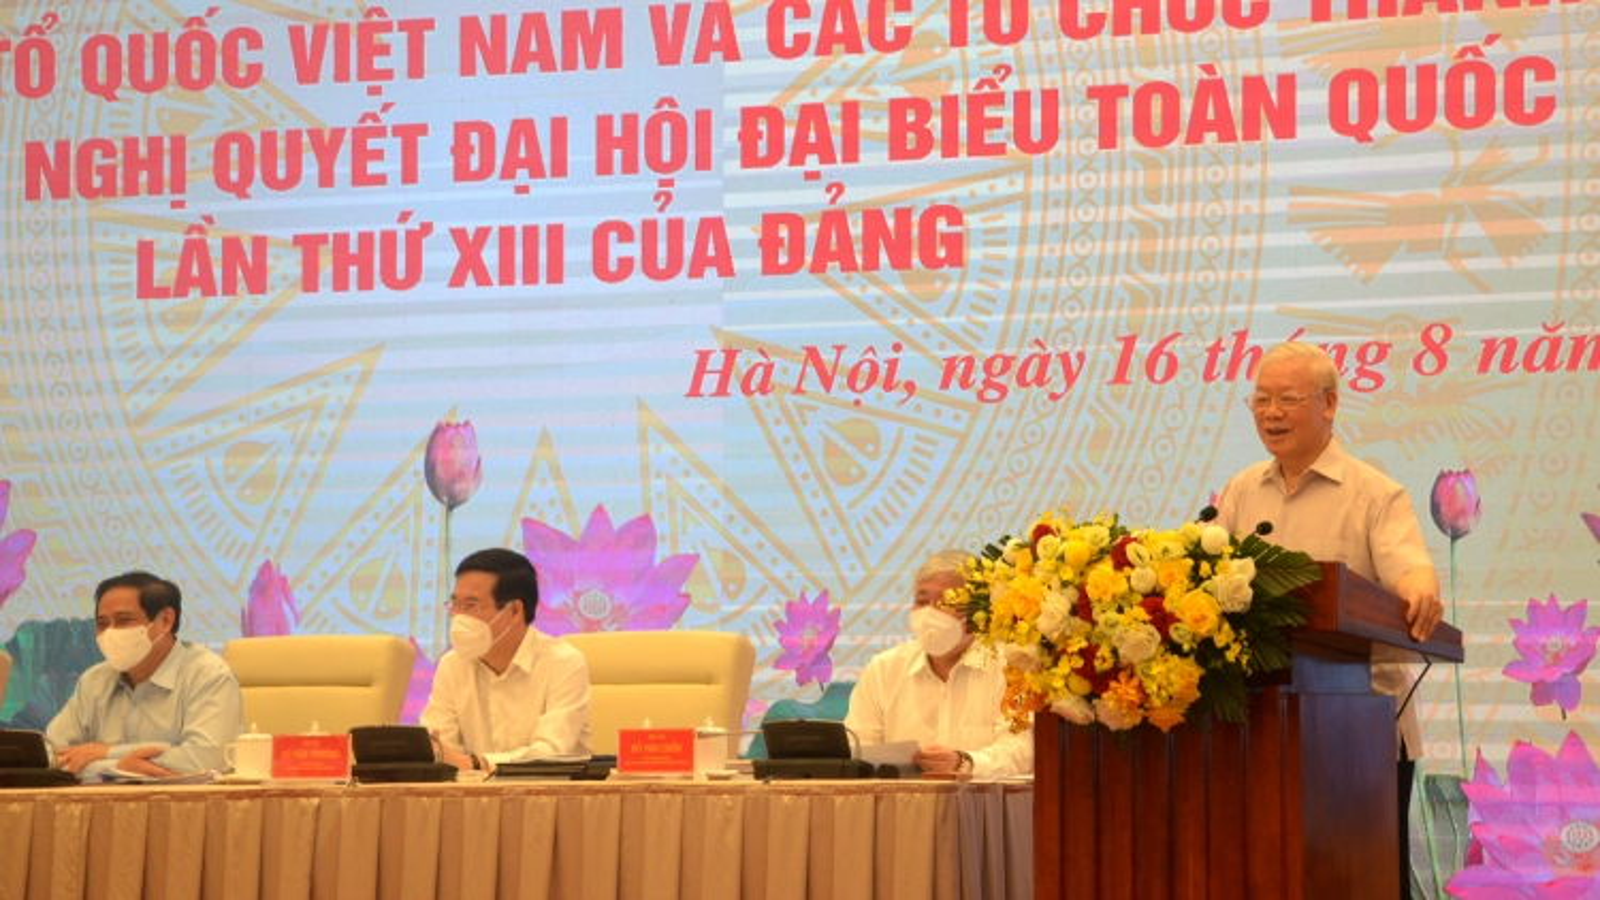 Tổng Bí thư Nguyễn Phú Trọng: Cần quan tâm lợi ích thiết thực của người dân